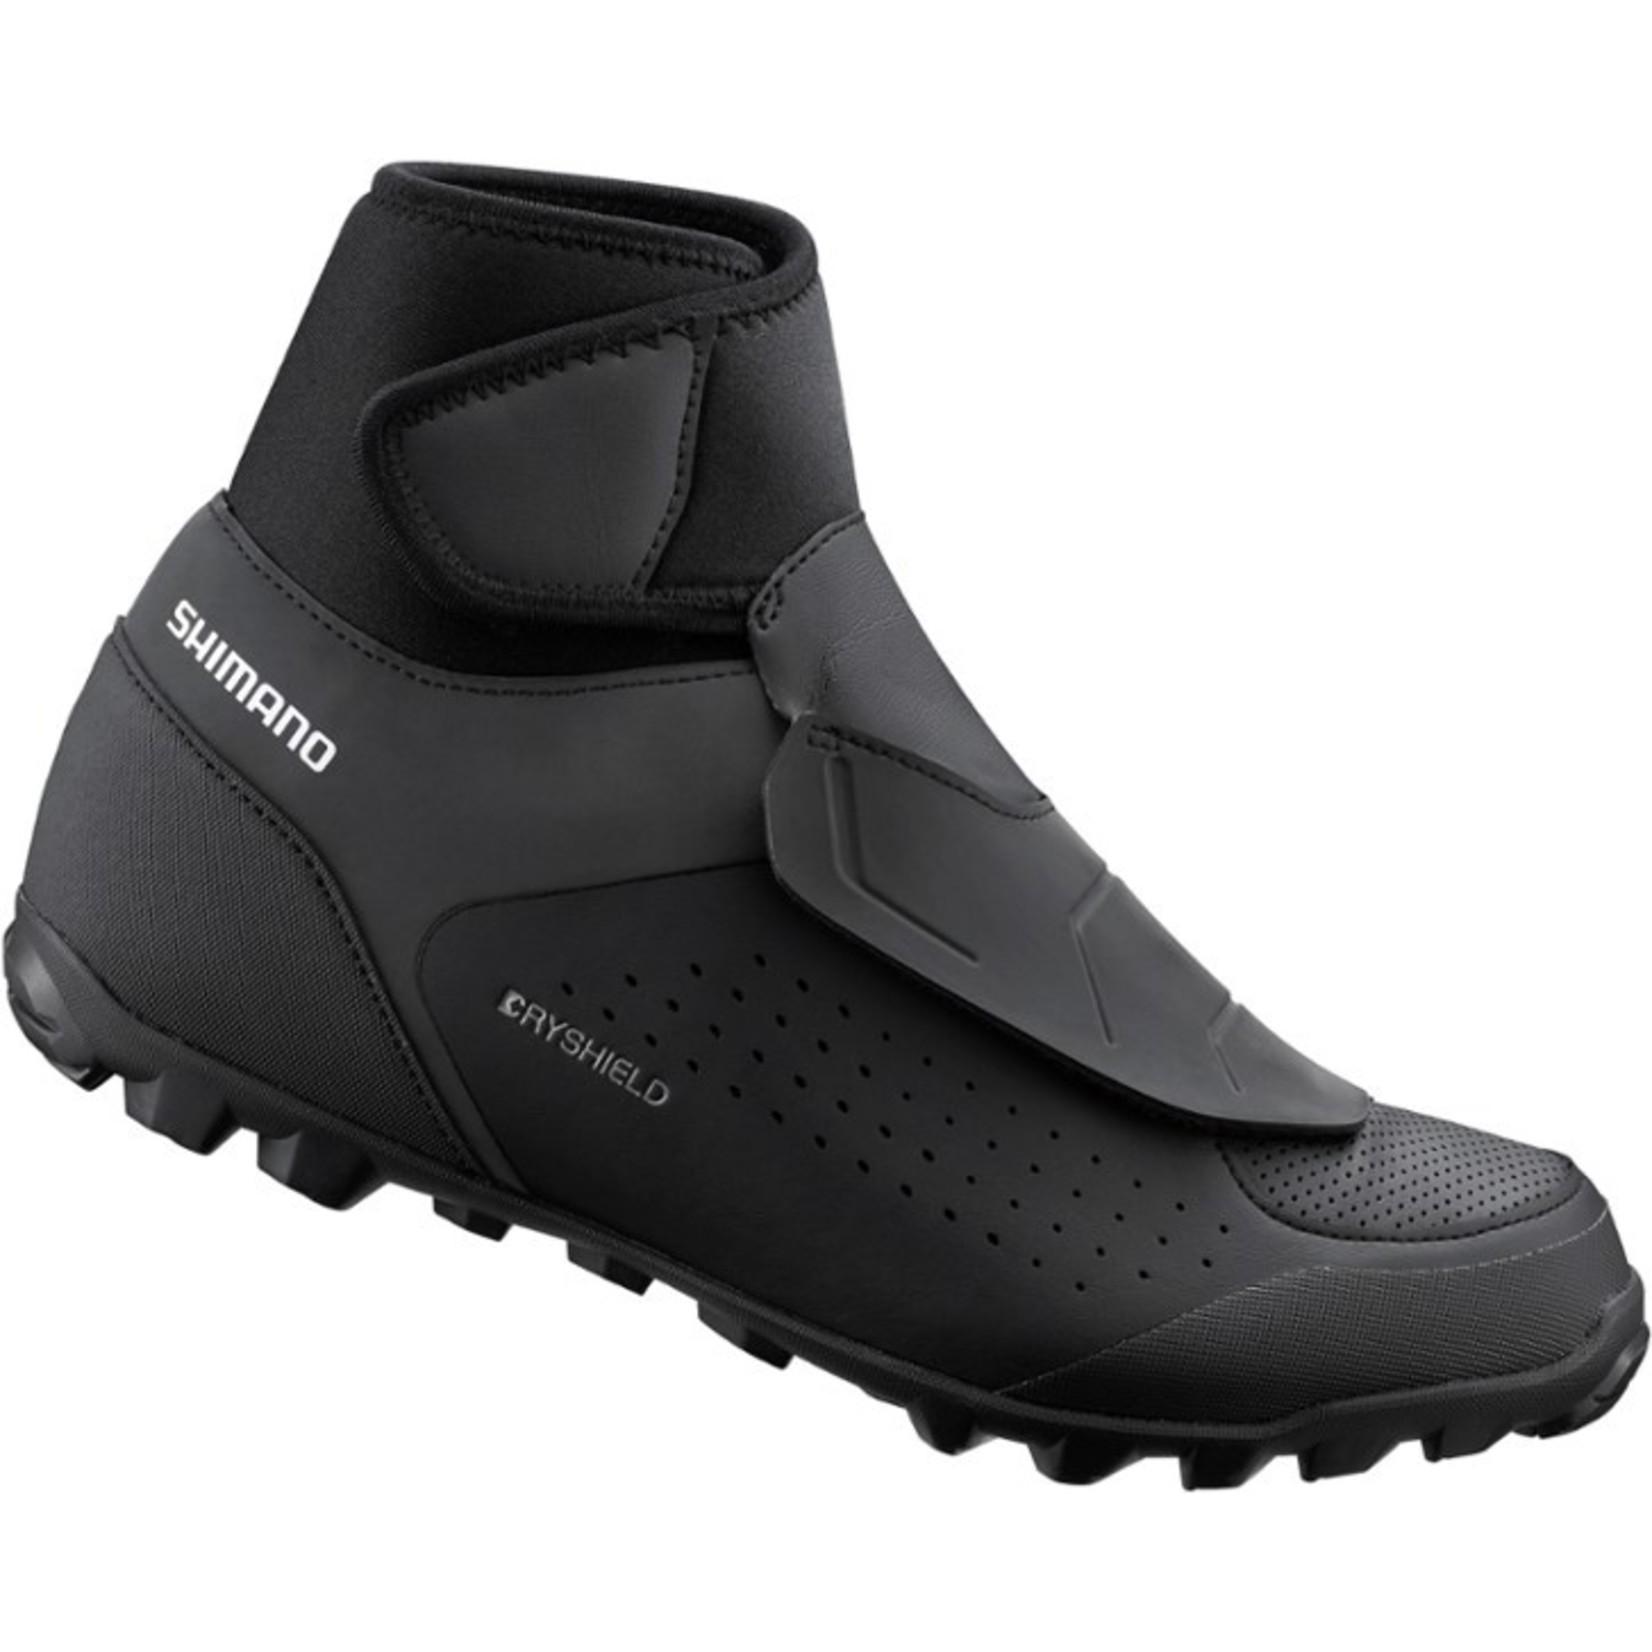 Shimano Shimano MW501 Shoes